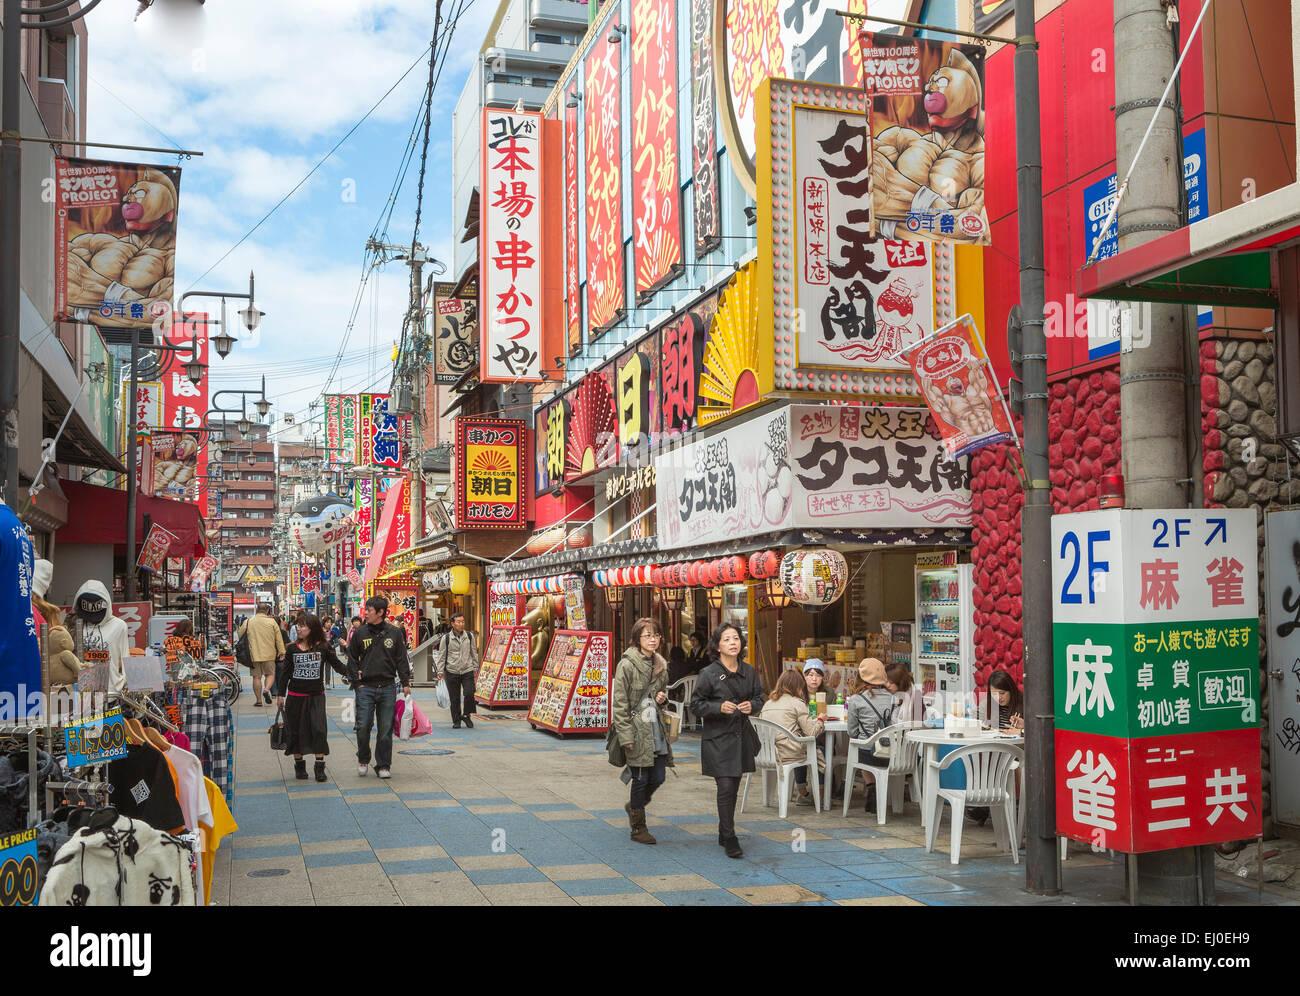 Giappone, Asia, Kansai di Osaka, città di Shin Sekai Tennoji, colorato, spot pubblicitari, pubblicità, Immagini Stock